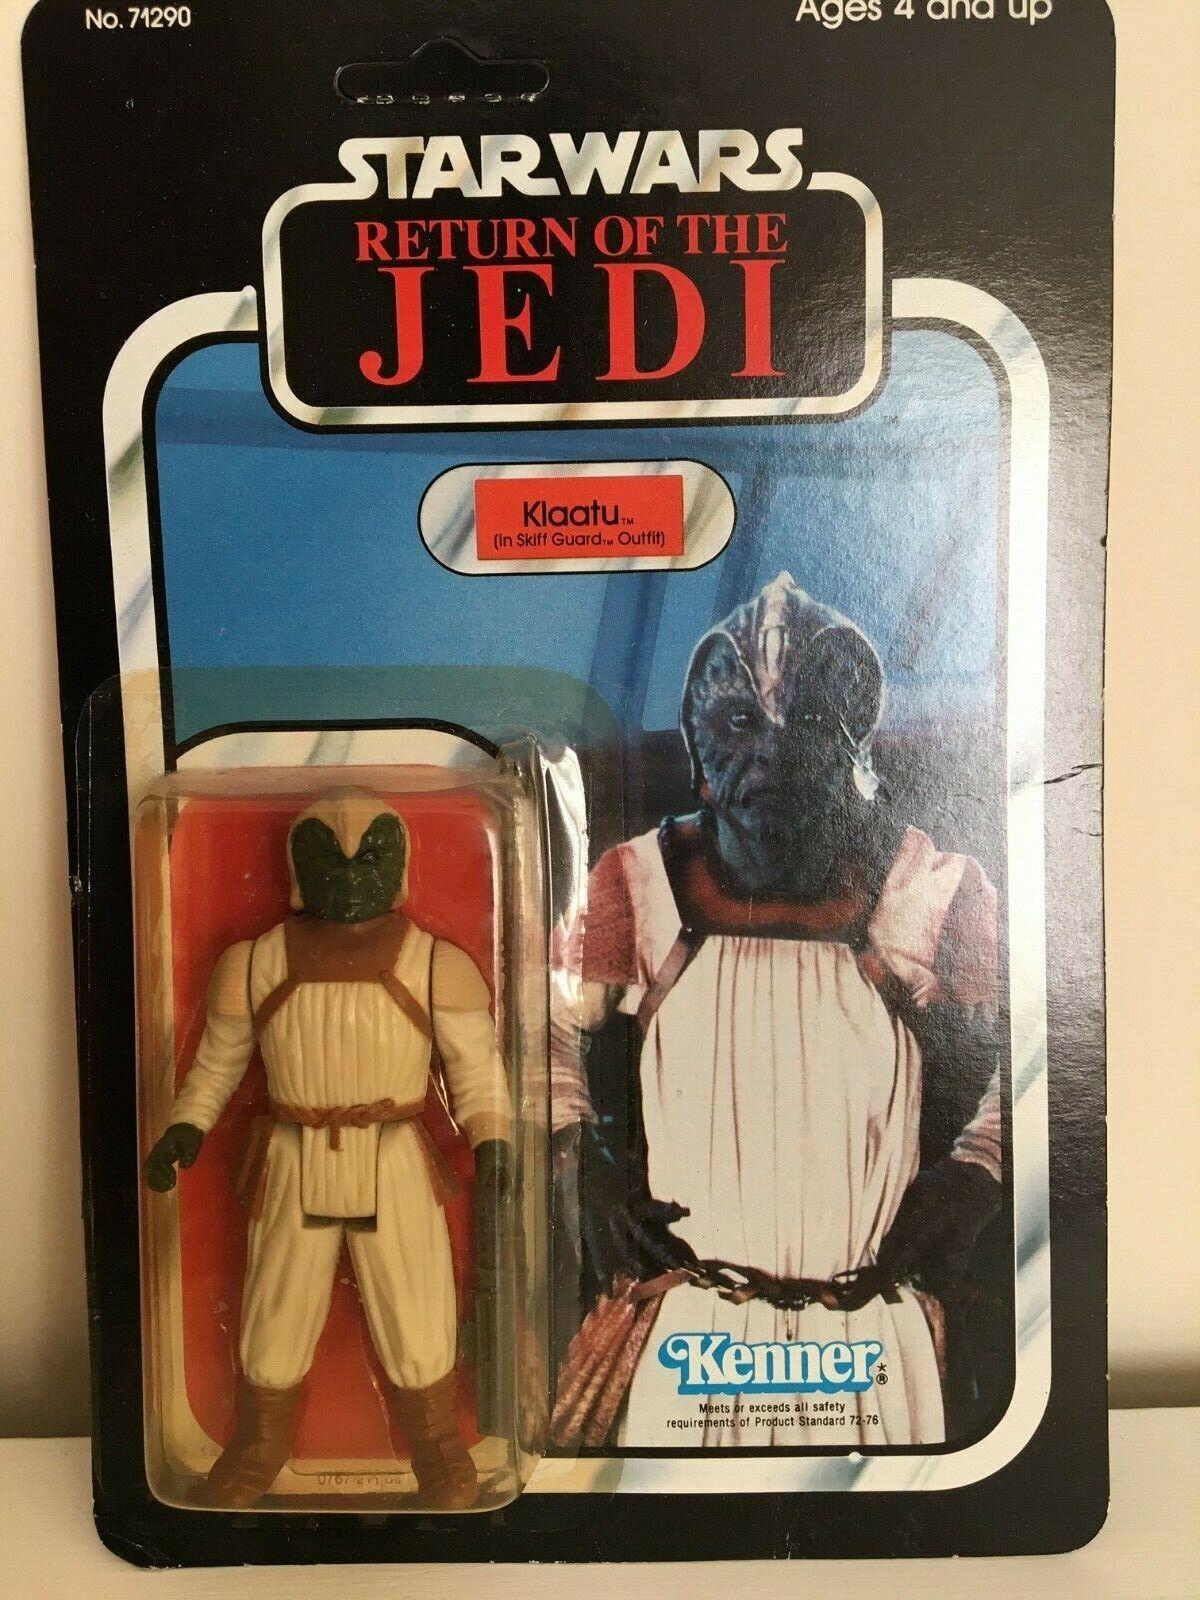 Retro Estrella Wars-Regreso Del Jedi-Klaatu-en bote traje De Guardia